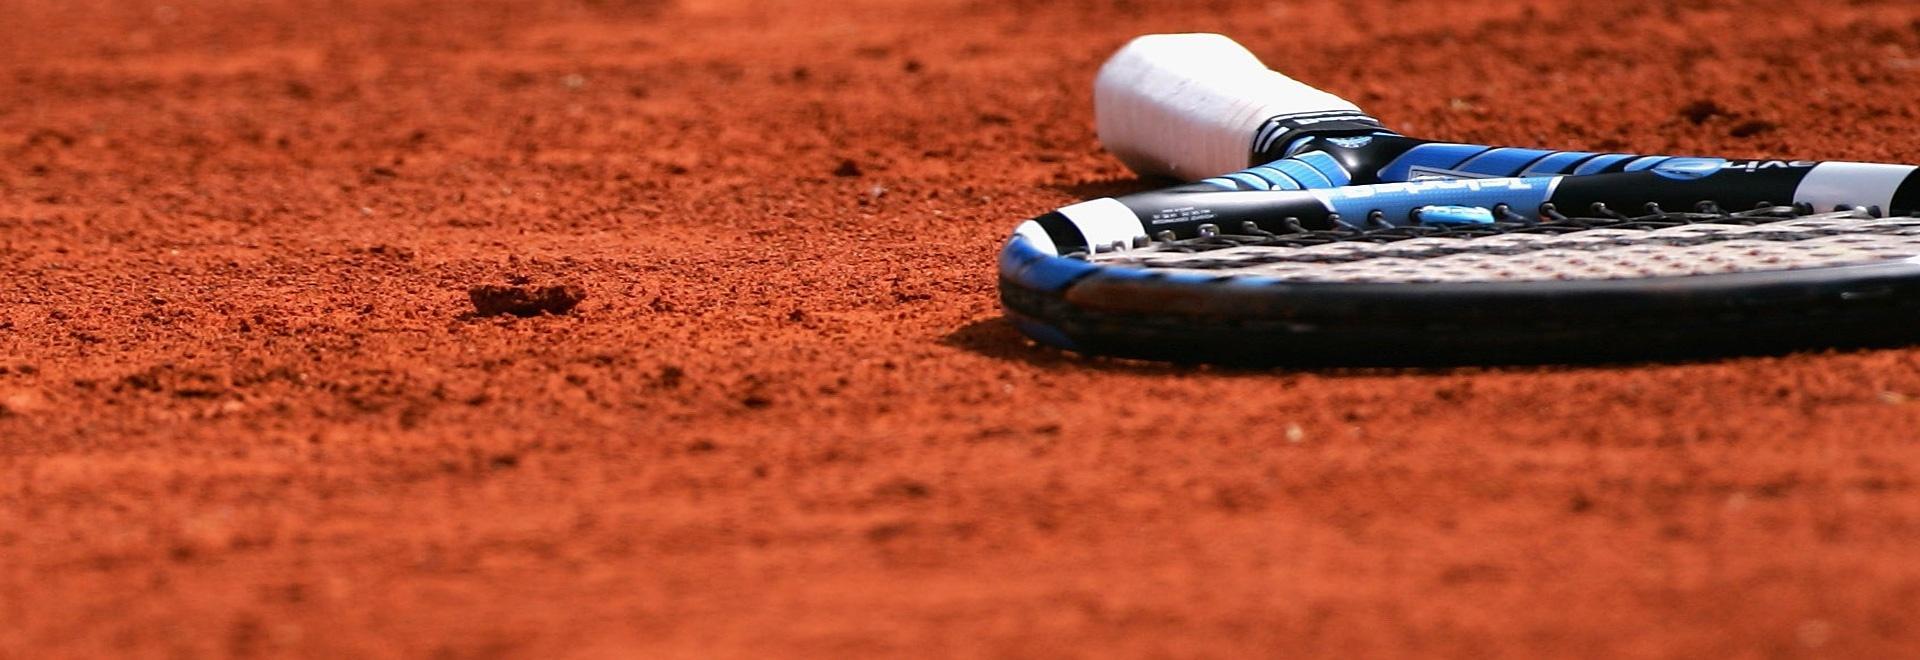 ATP World Tour 1000 Series Highlights